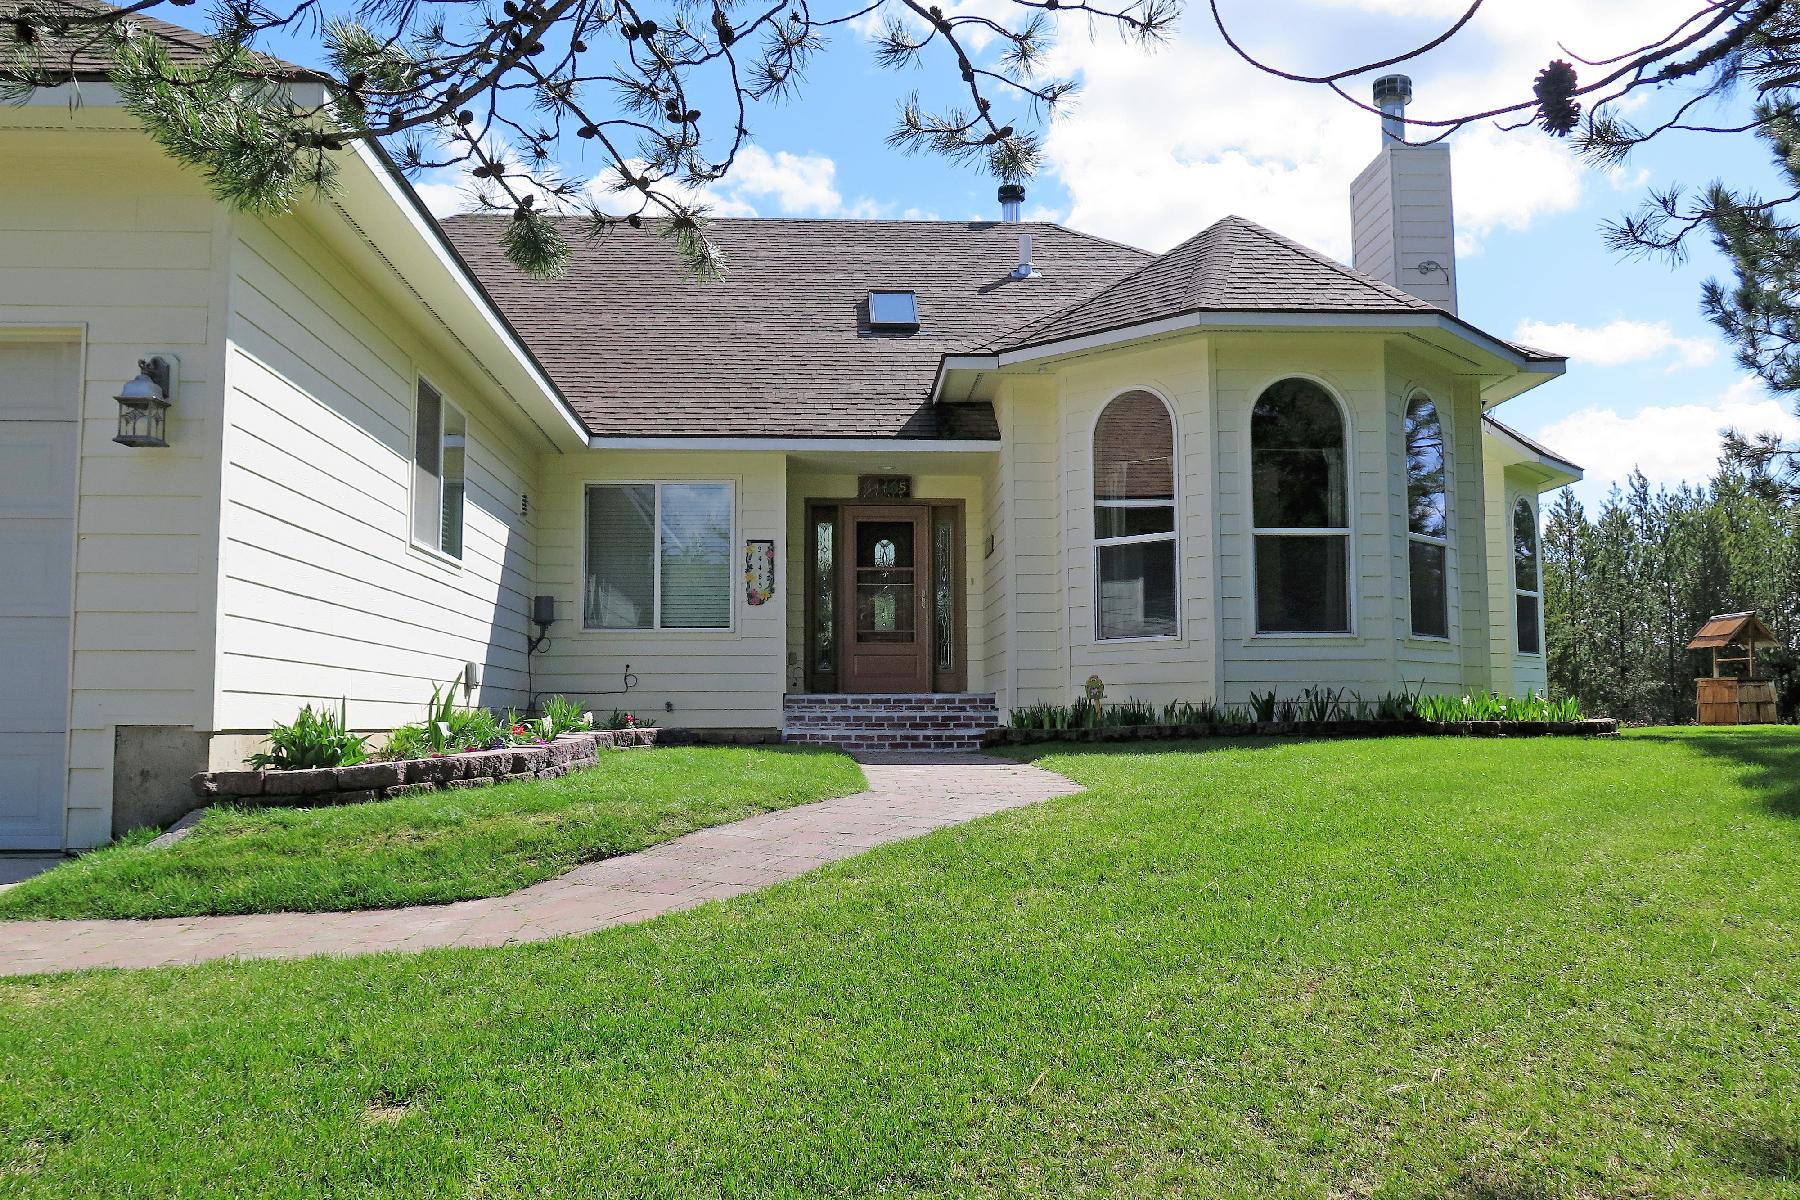 Частный односемейный дом для того Продажа на Gorgeous Home On 10.8 Acres 34485 N Kelso Dr Spirit Lake, Айдахо, 83869 Соединенные Штаты